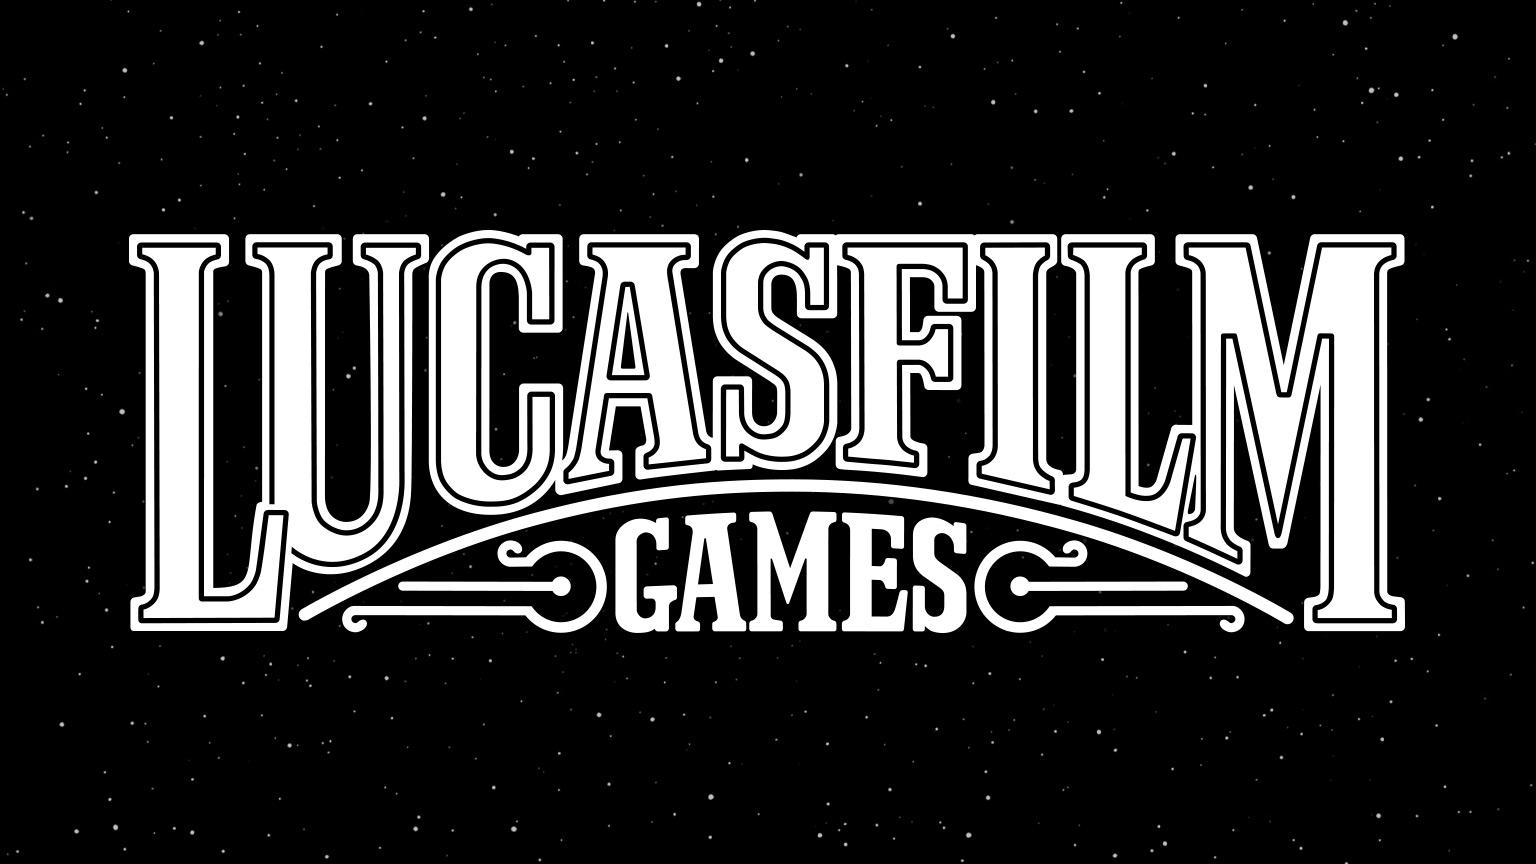 lucasfilm games